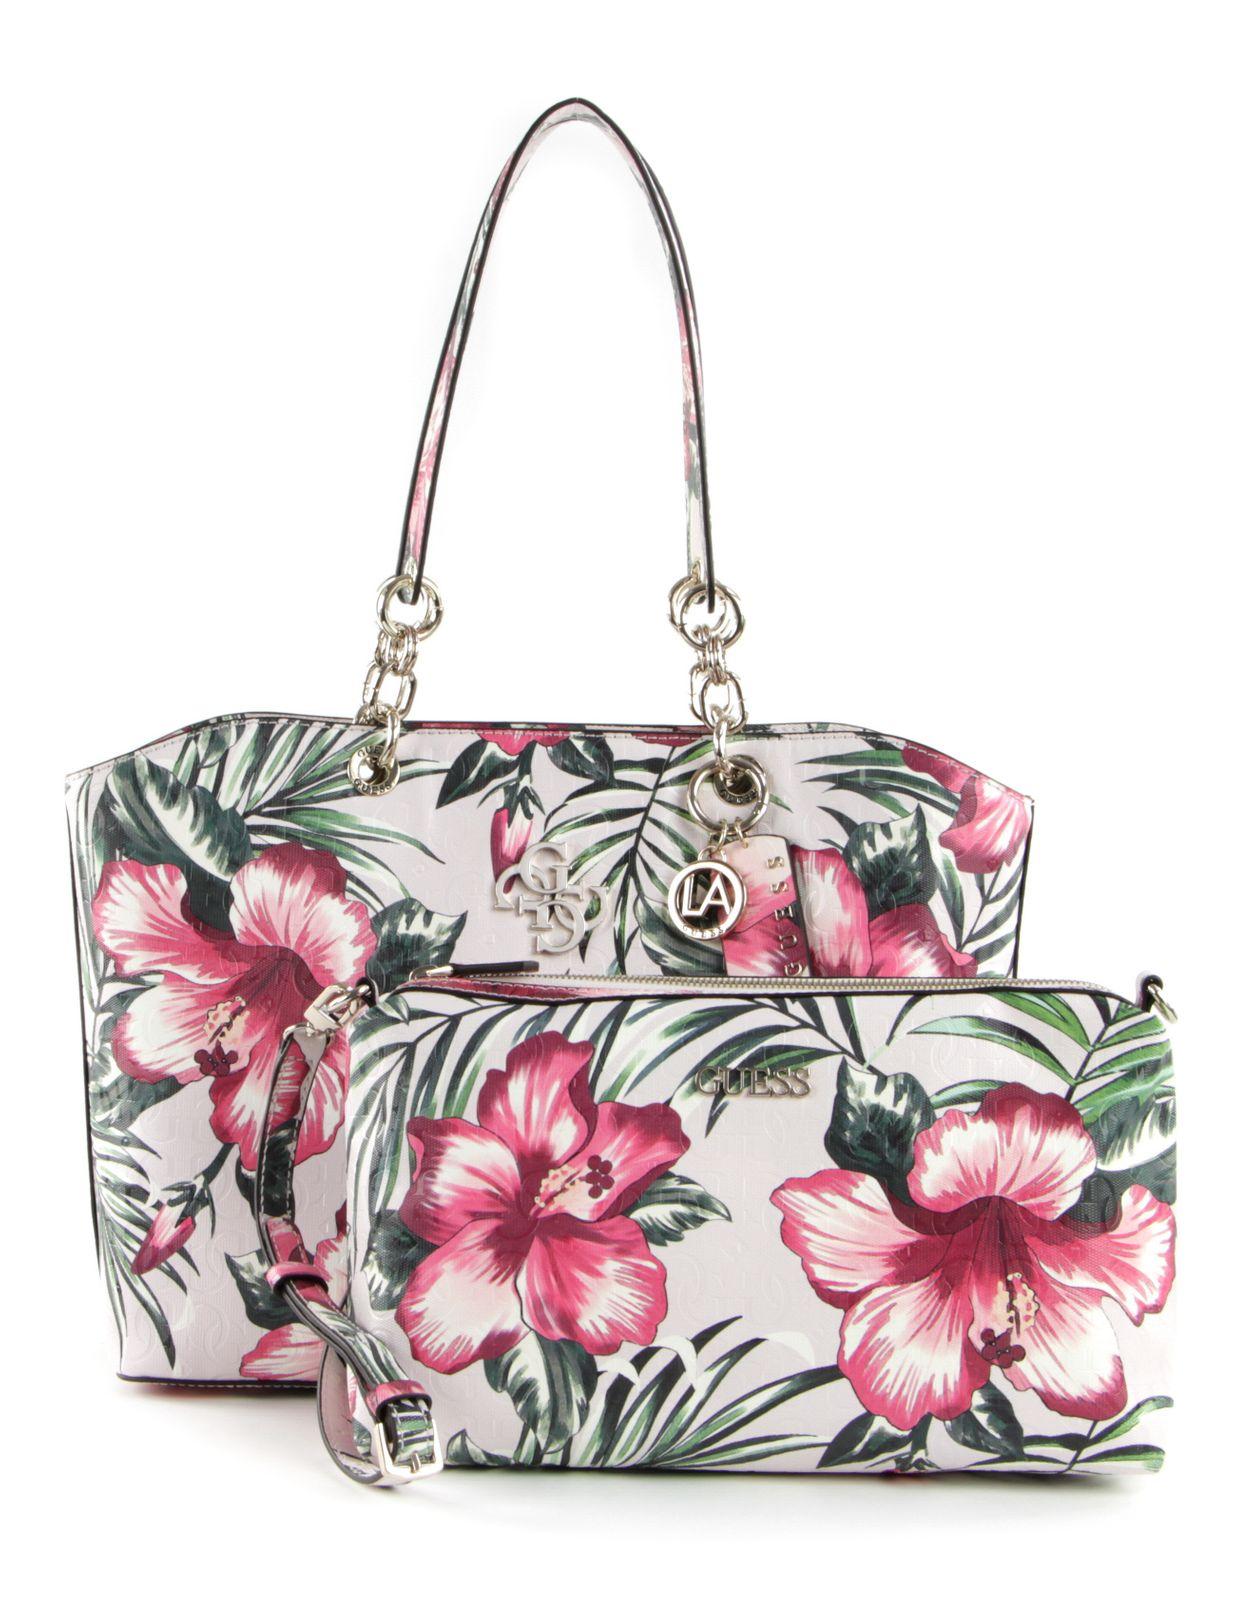 GUESS Chic Shine Shoulder Bag Schultertasche Tasche Floral Weiß Pink